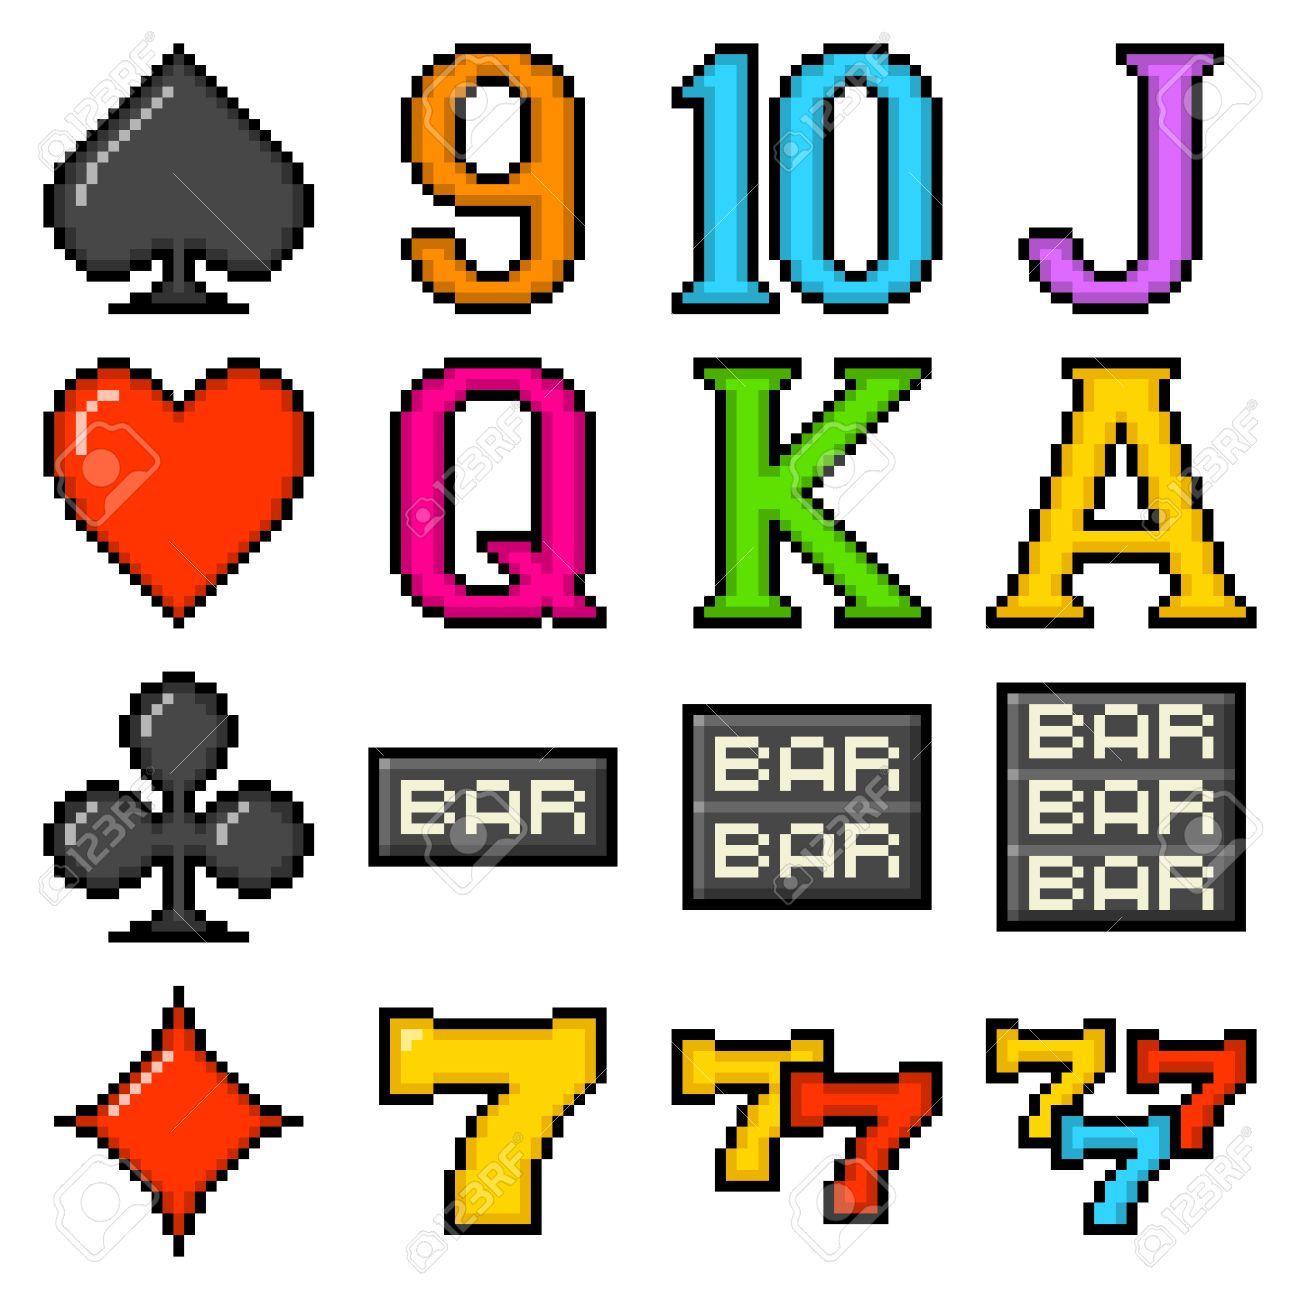 Popular slot machine symbols depicted in 8-bit pixel art form Stock Vector - 22122994